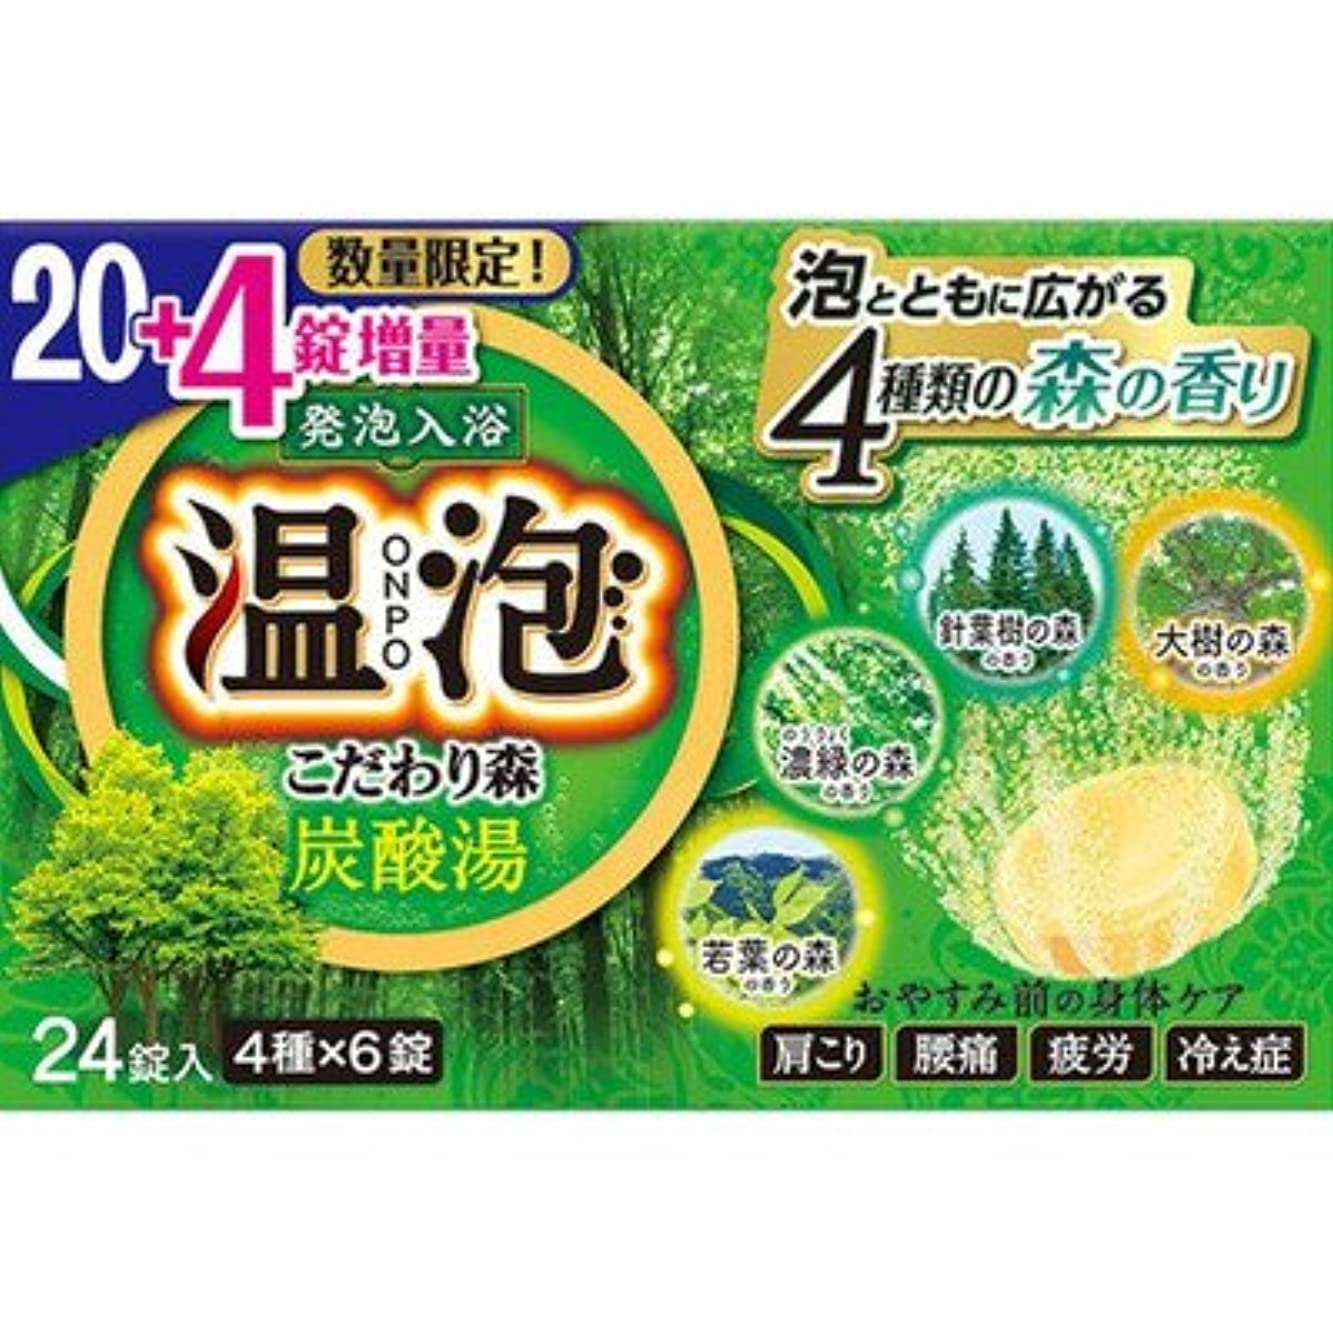 やりがいのある寛容効果的温泡こだわり森炭酸湯24錠入